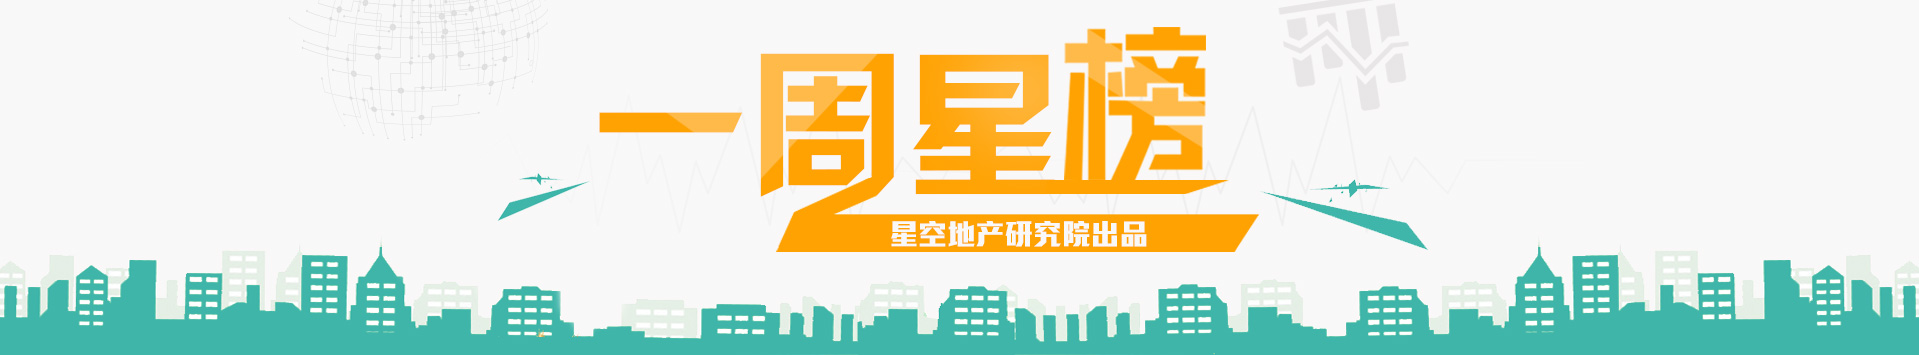 第27周淮北住宅备案167套,环比下跌16.08%